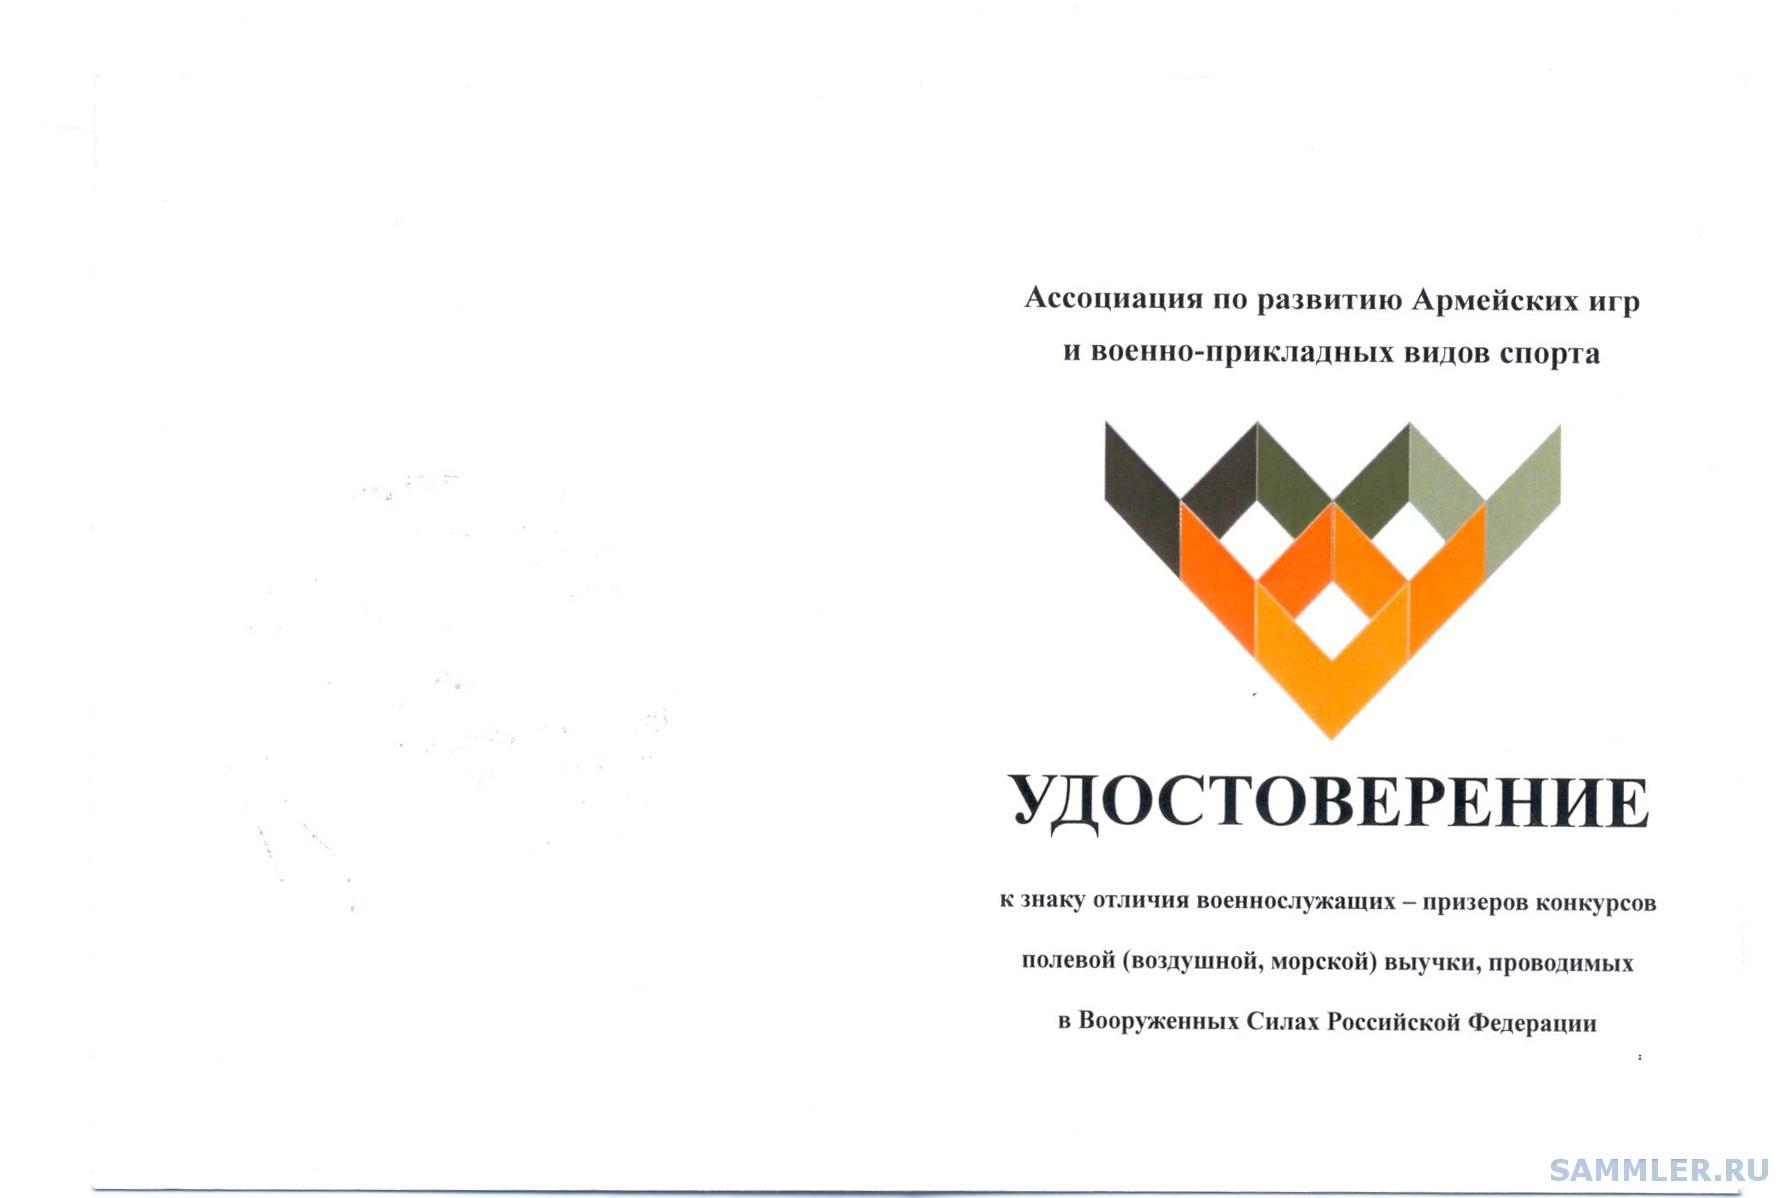 Удостоверение_1.jpg